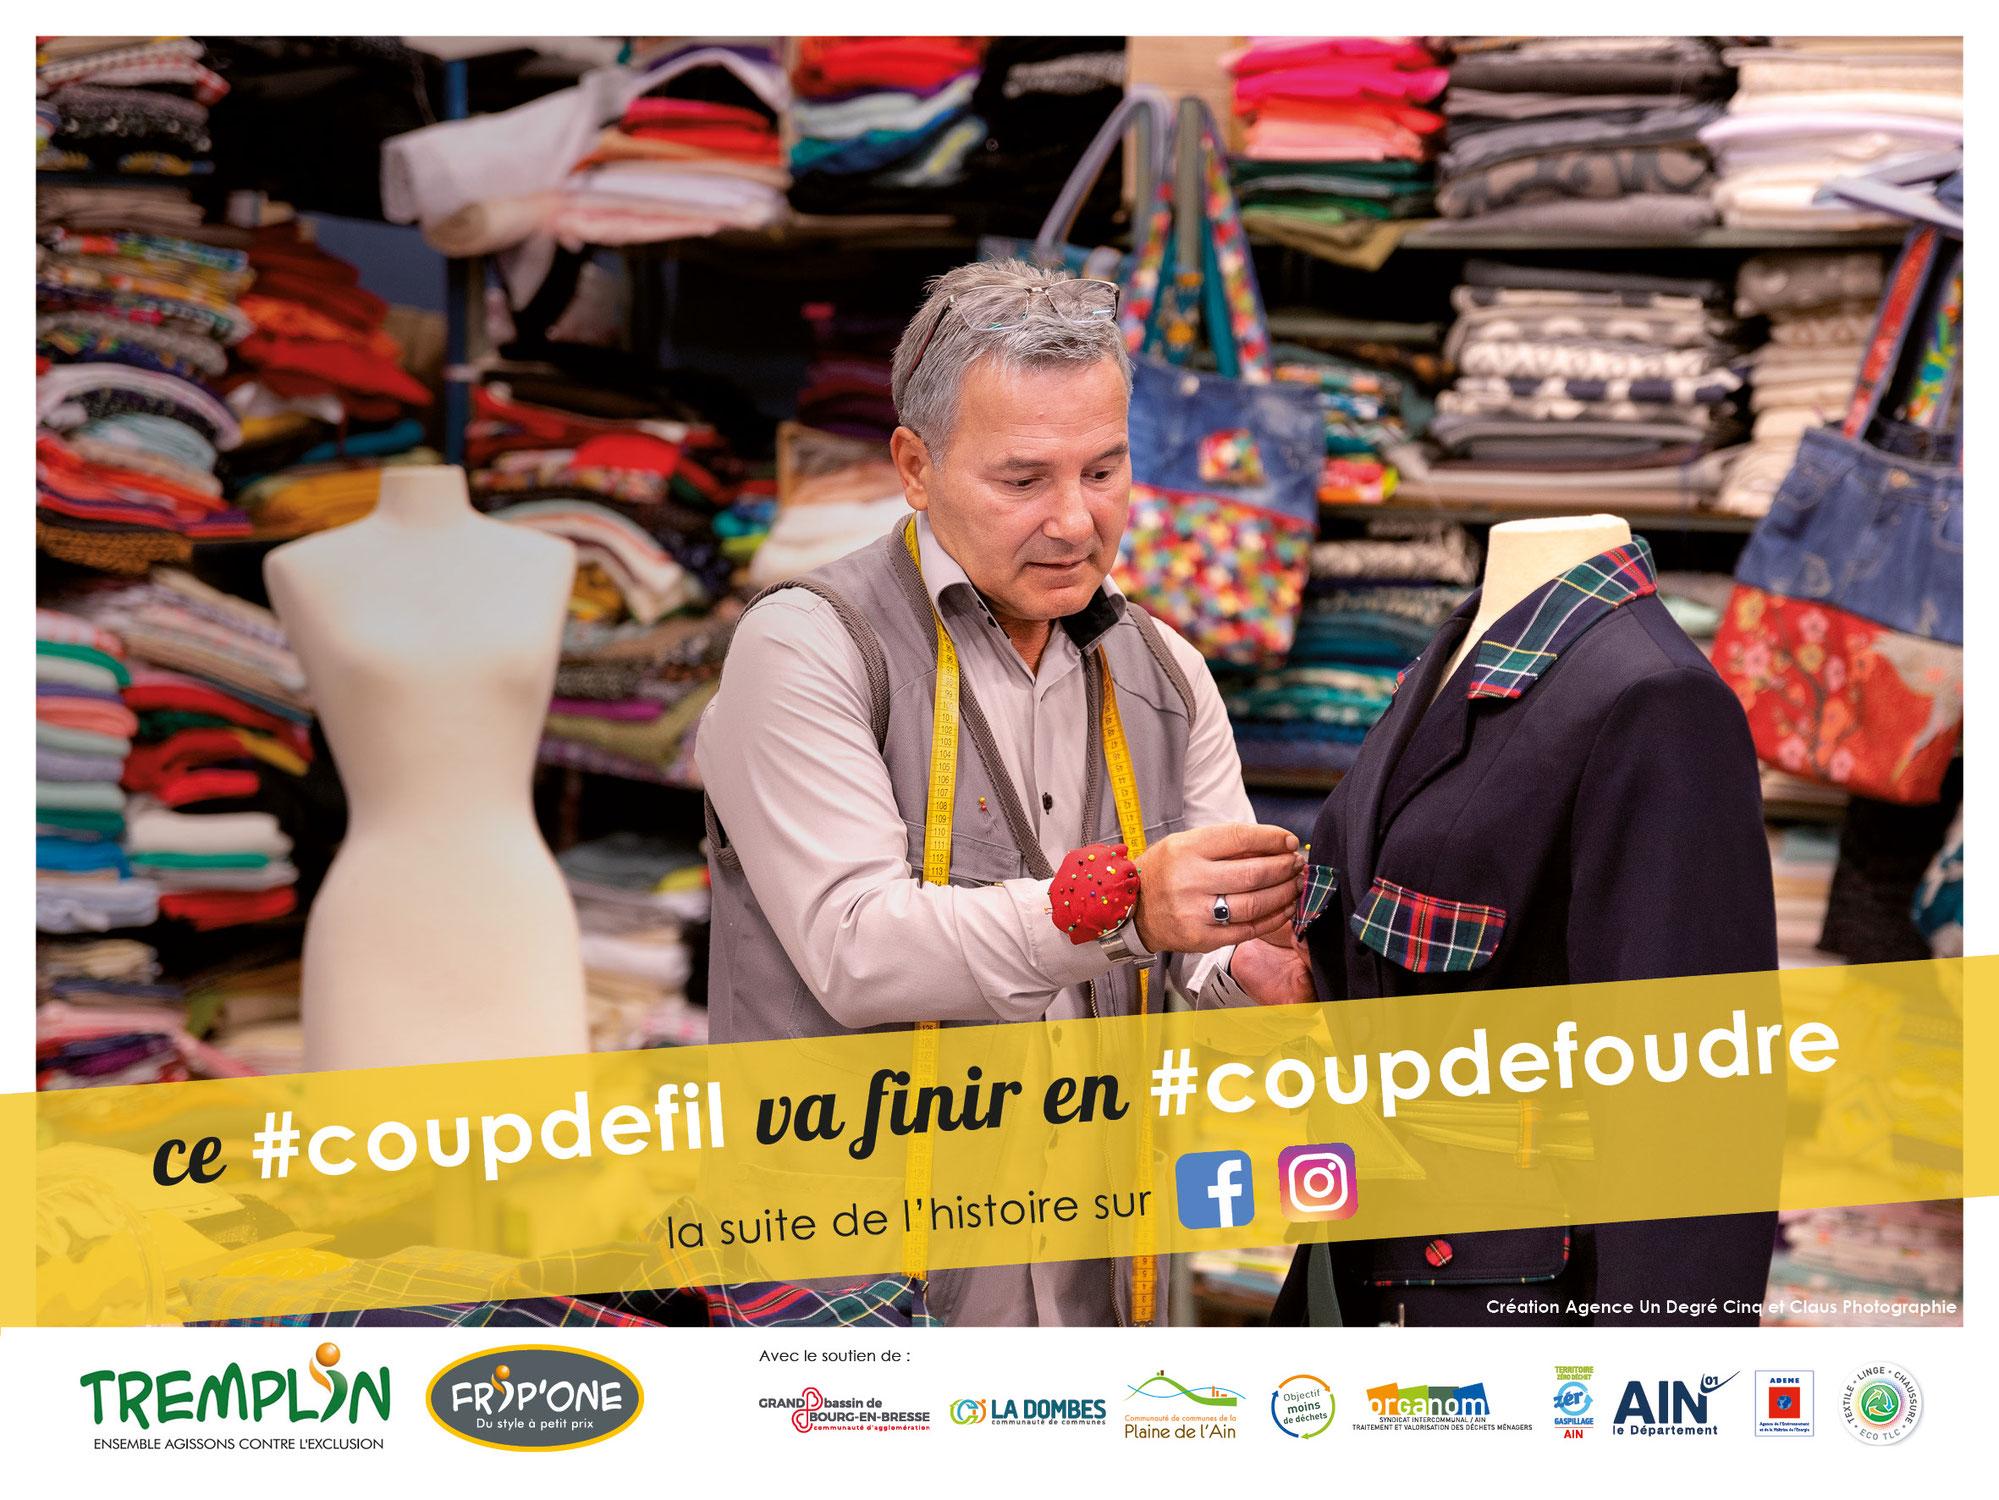 #coupdemain, une campagne d'information pour le recyclage des textiles